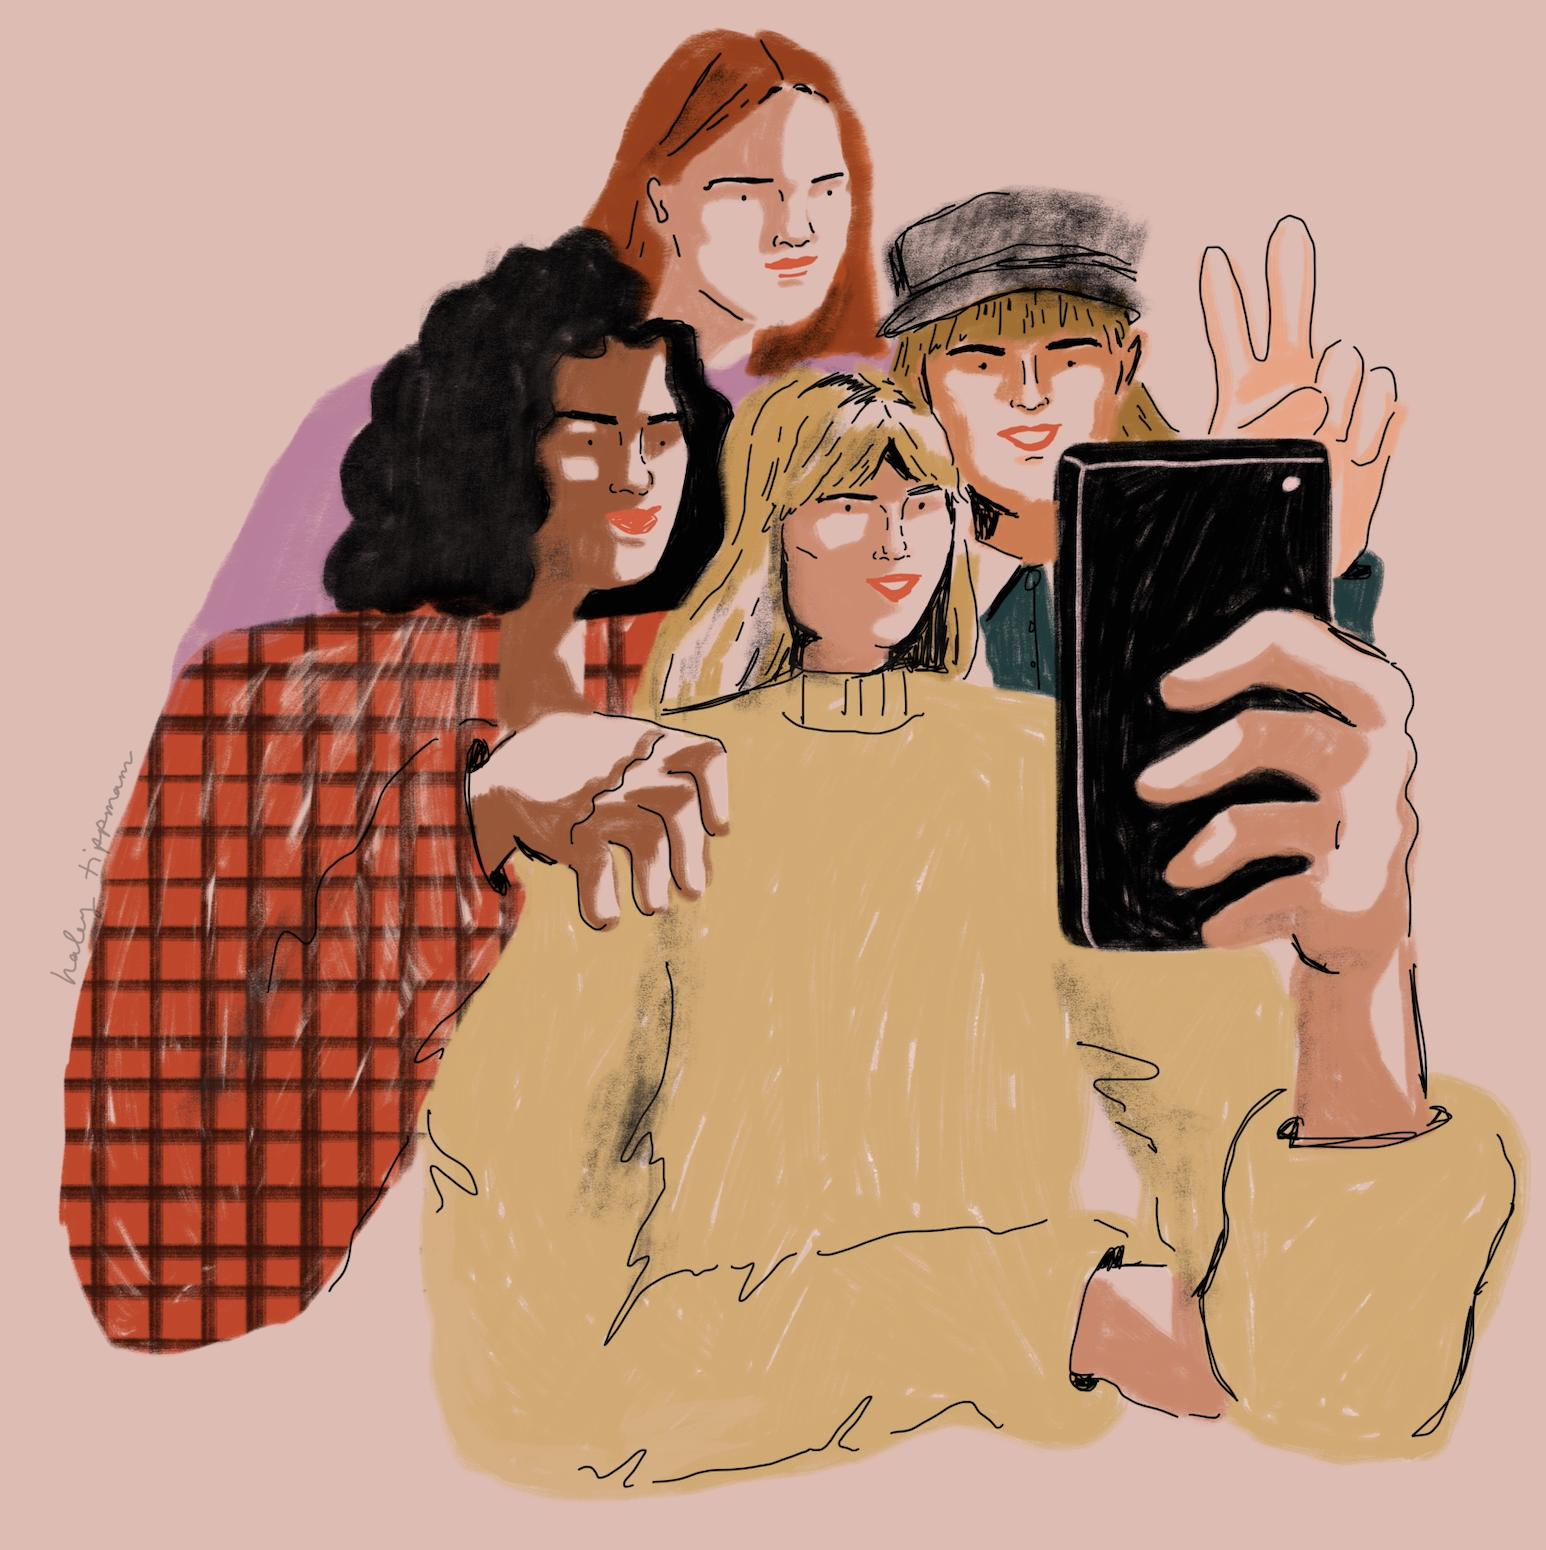 Selfie - Personal Work